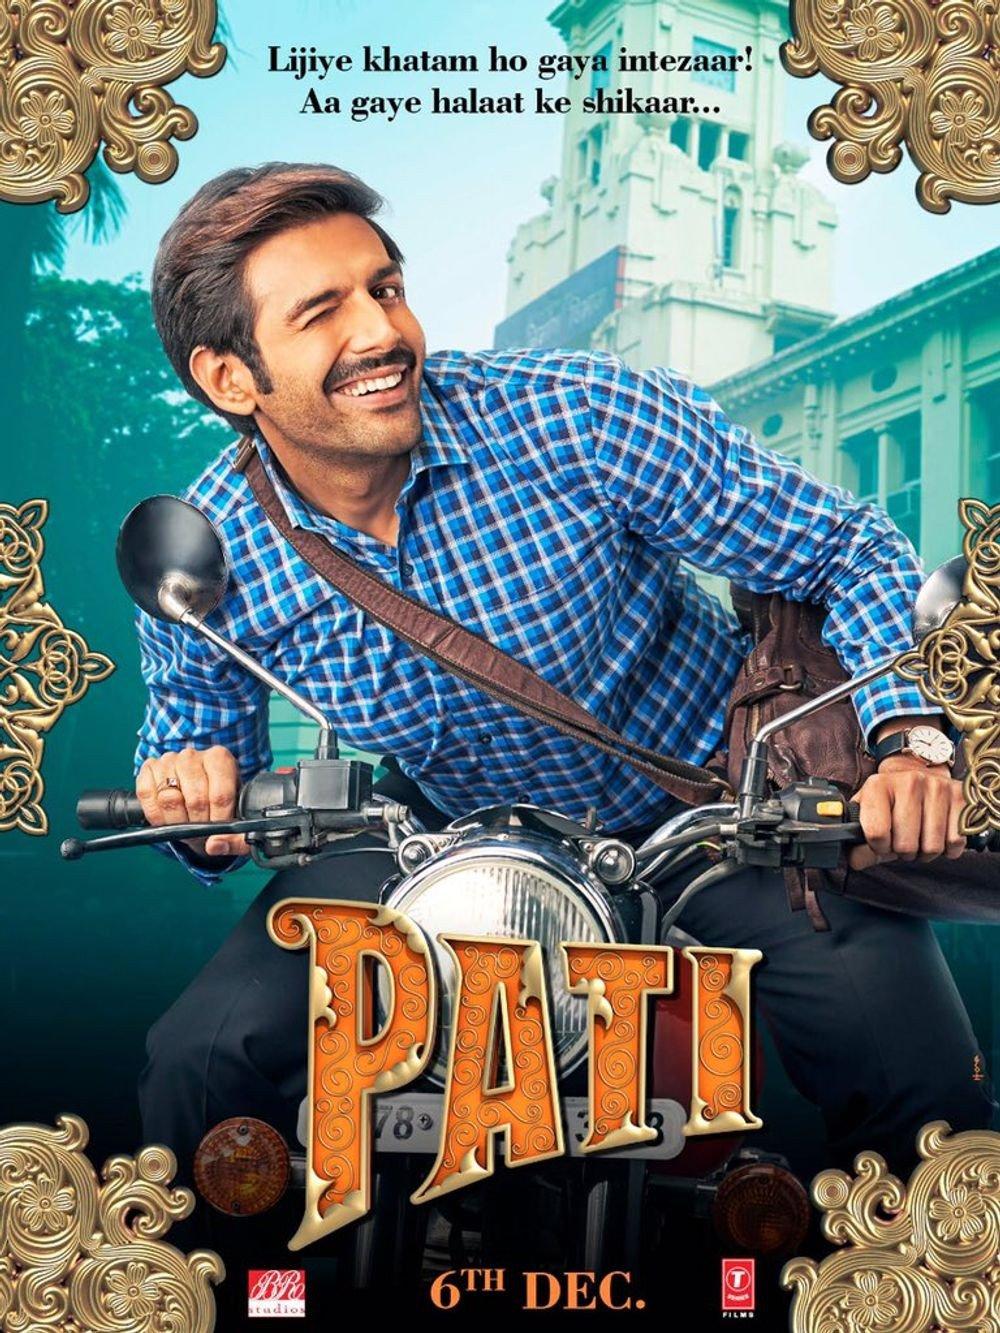 0-<p>Pati Patni Aur Woh</p>